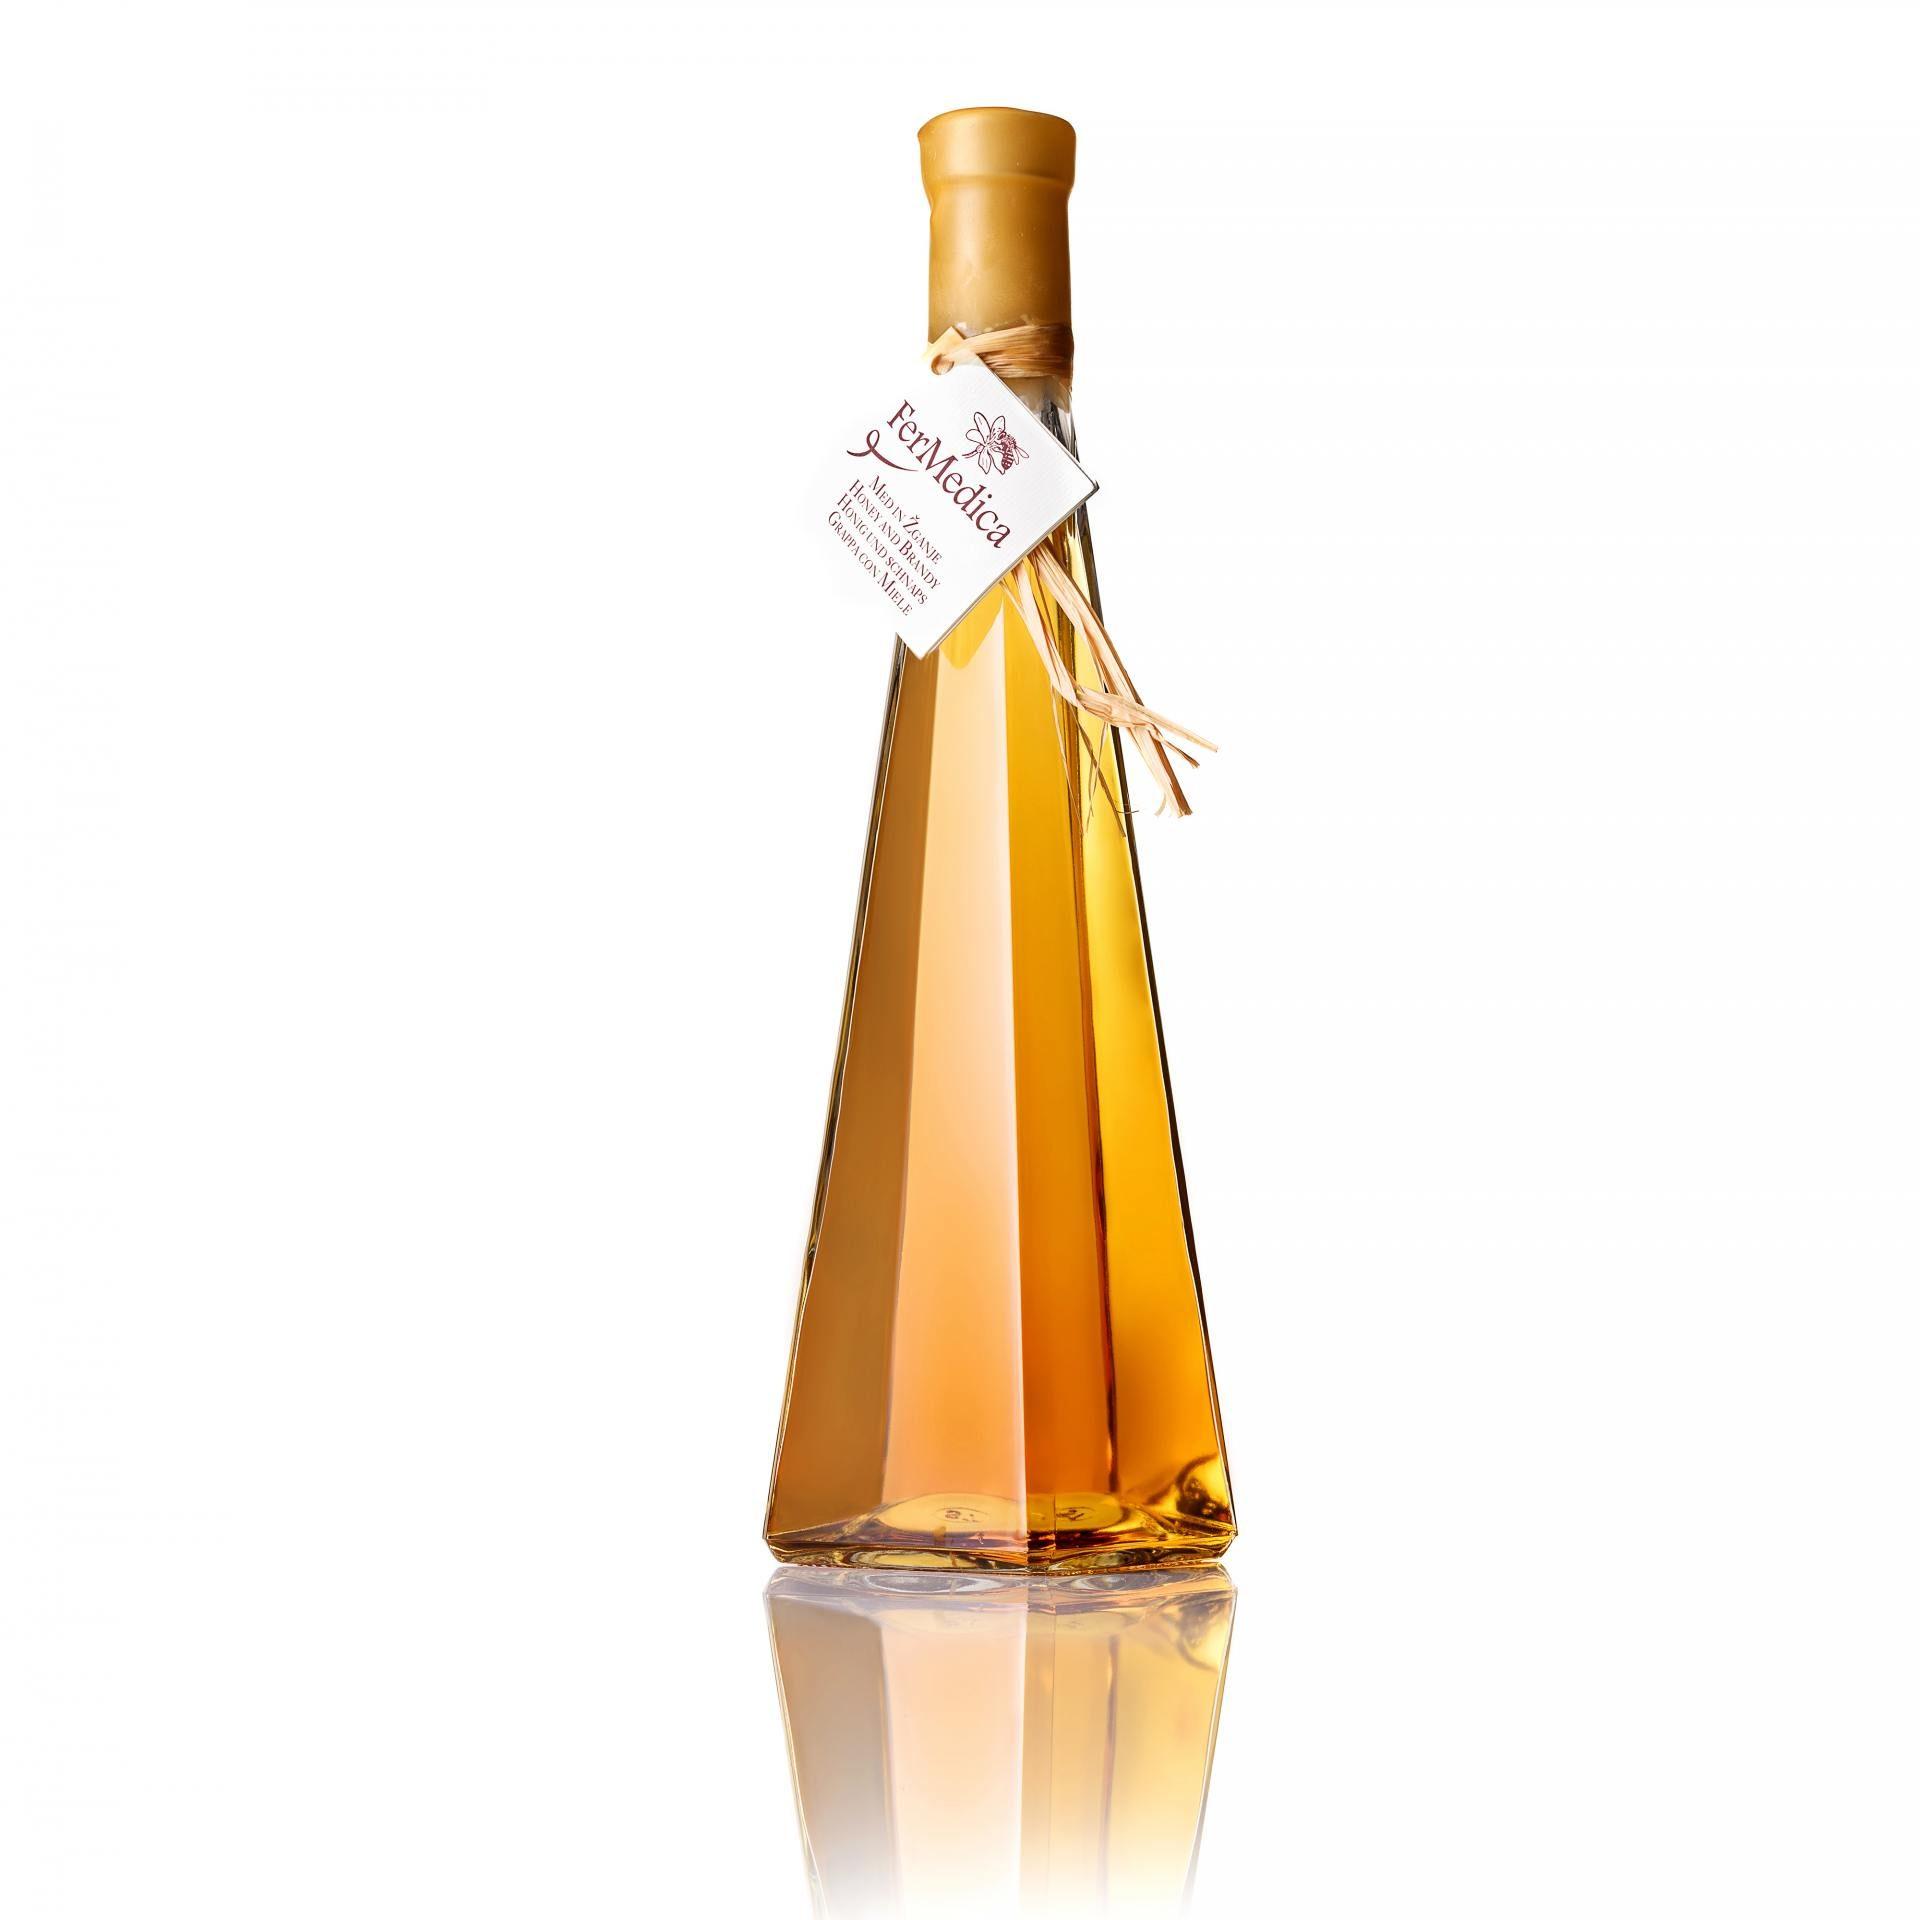 Med in žganje, med z dodatki, darilni seti v lični embalaži fermedica 4